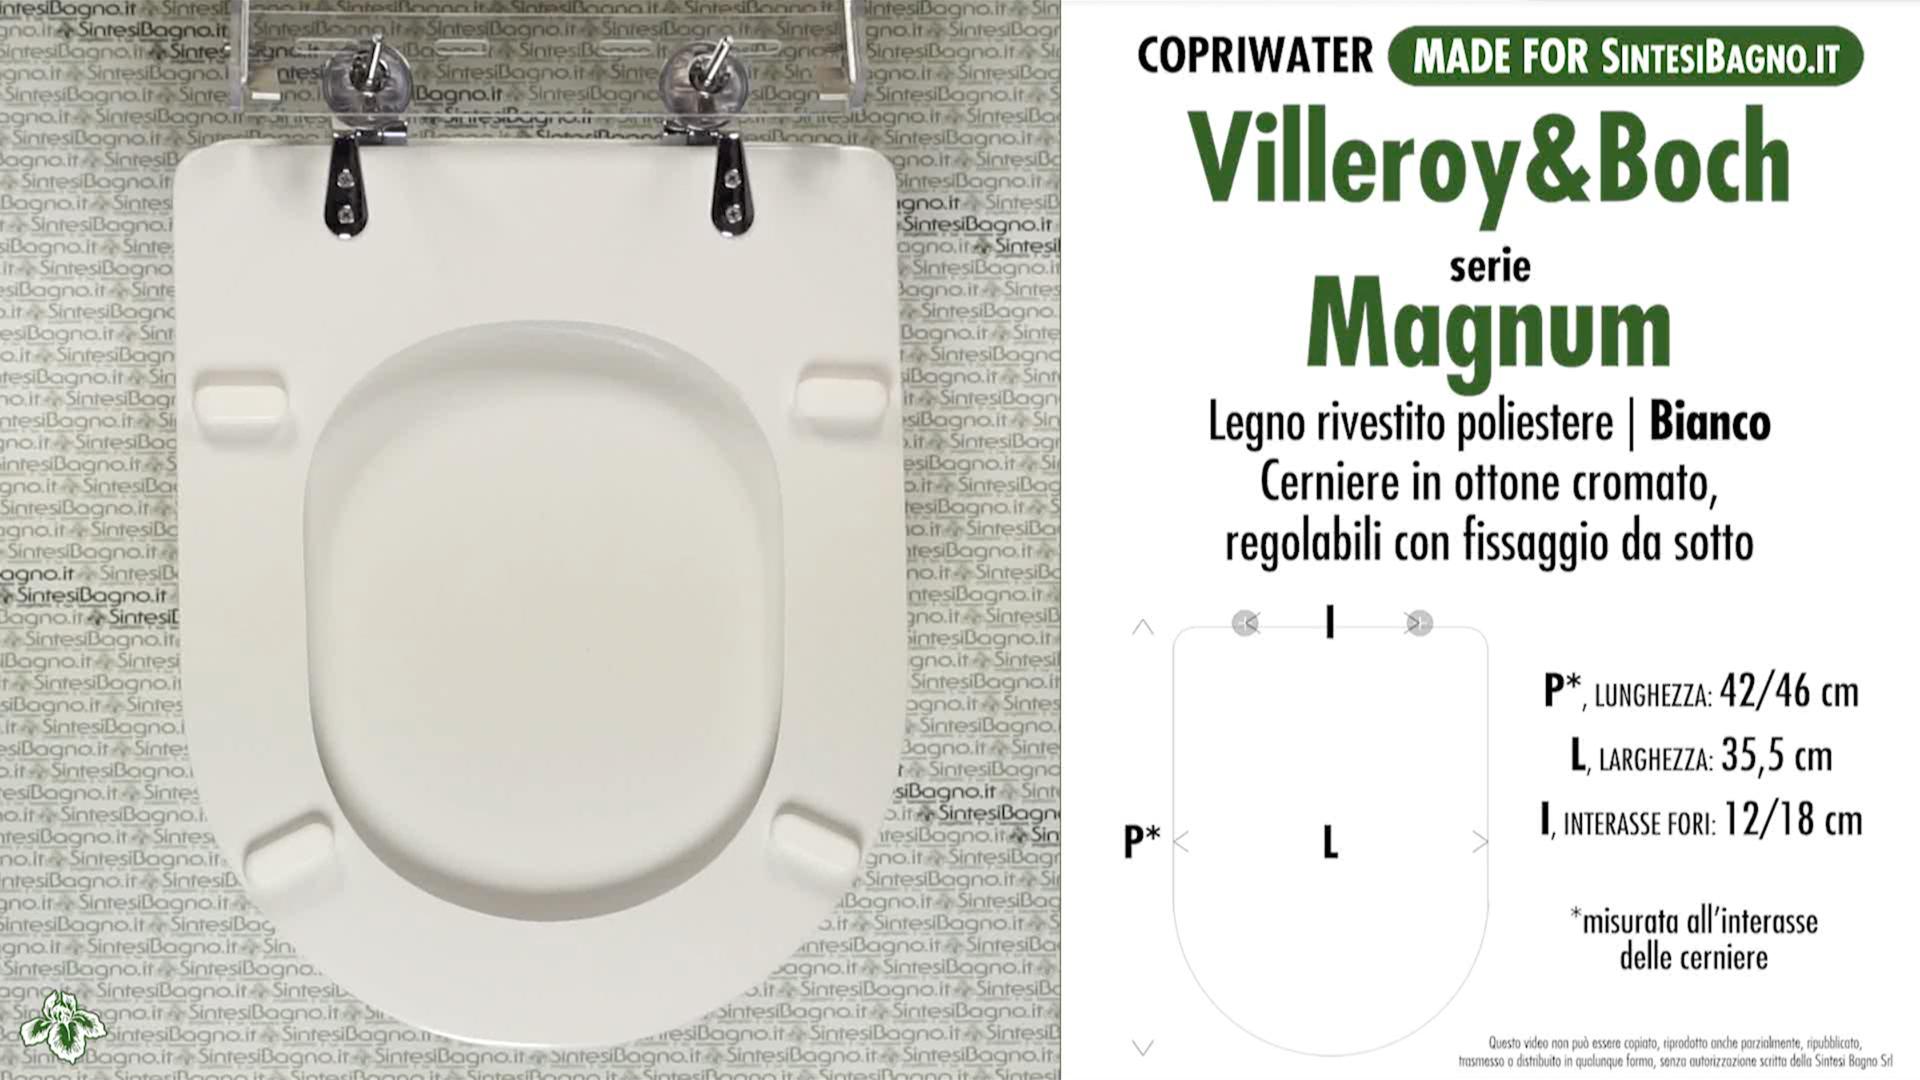 SCHEDA TECNICA MISURE copriwater VILLEROY&BOCH MAGNUM